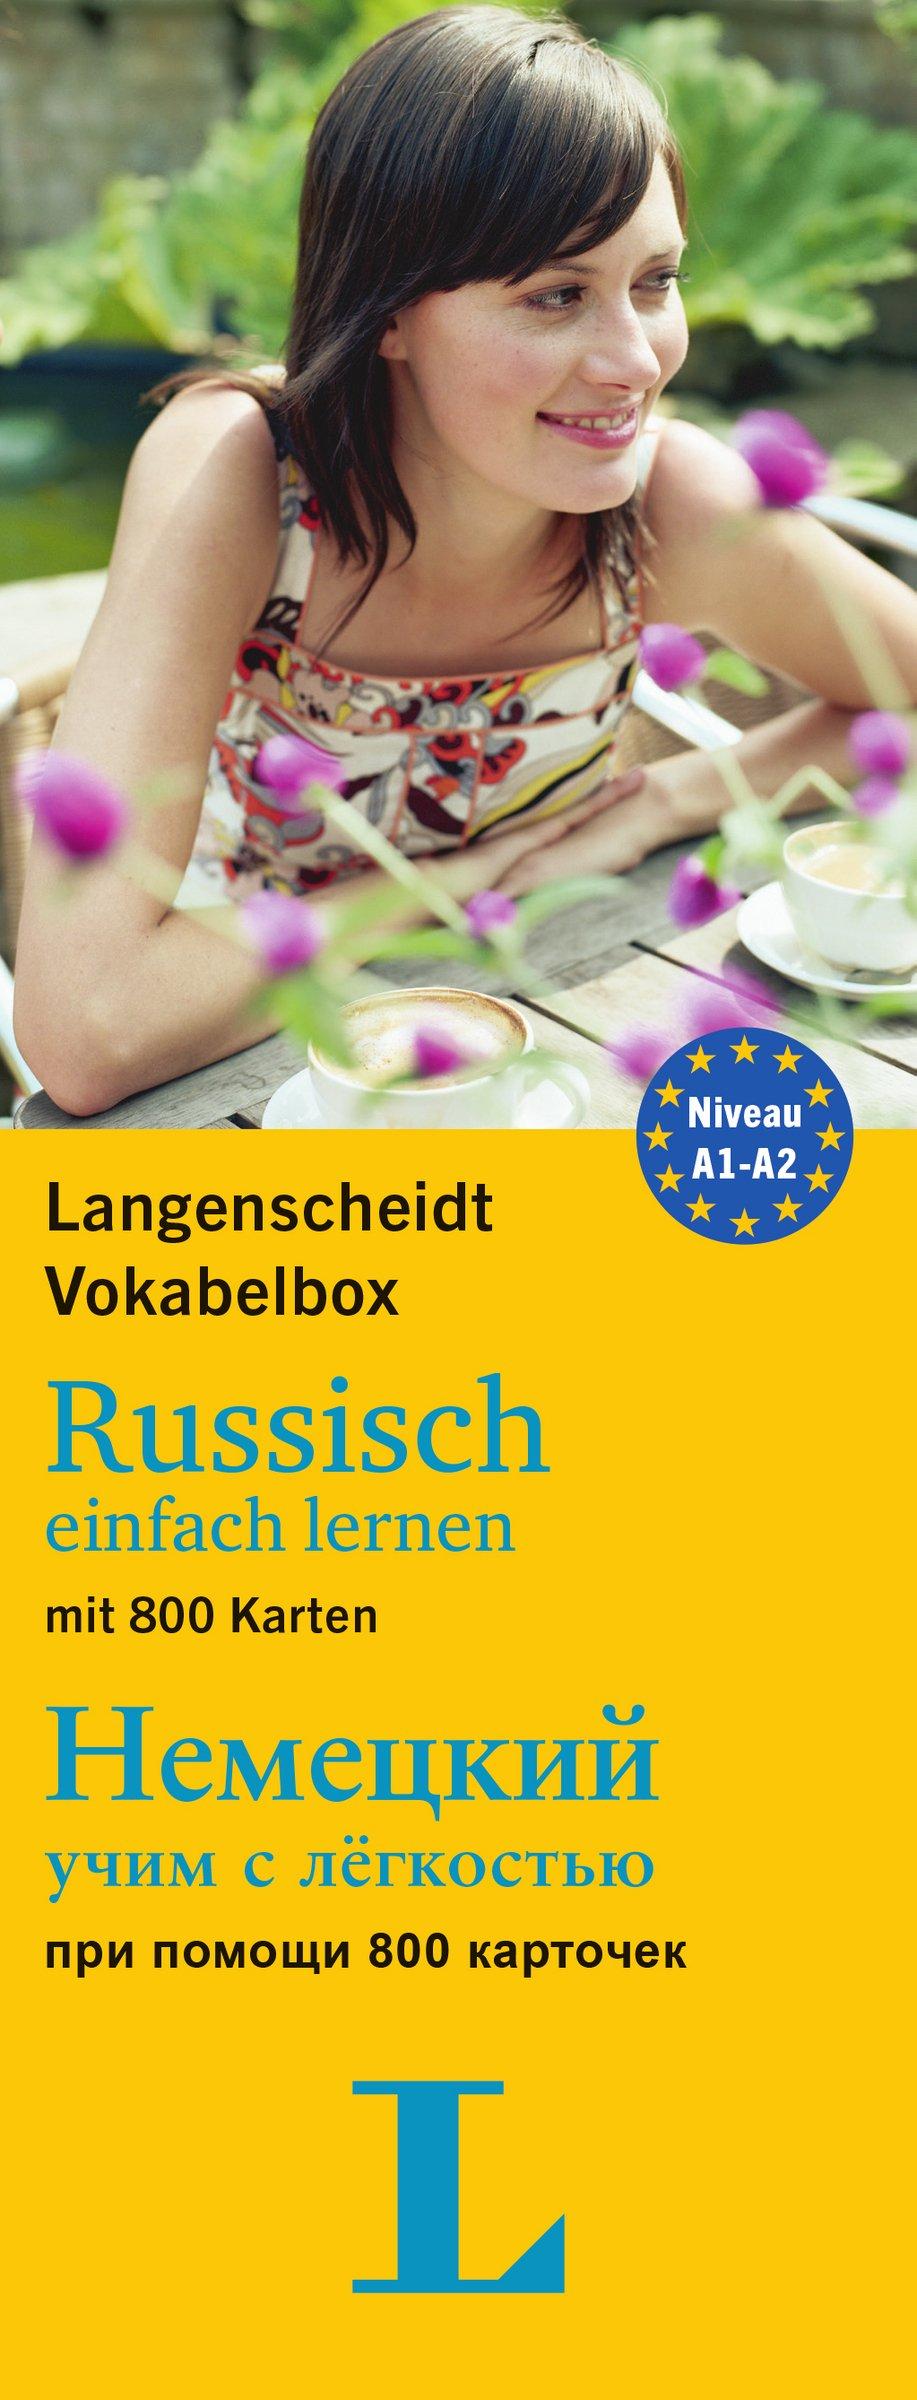 Langenscheidt Vokabelbox Russisch einfach lernen - für Anfänger und Wiedereinsteiger: Box mit 800 Karten, Russisch-Deutsch / Deutsch-Russisch (Langenscheidt Vokabelbox einfach lernen)